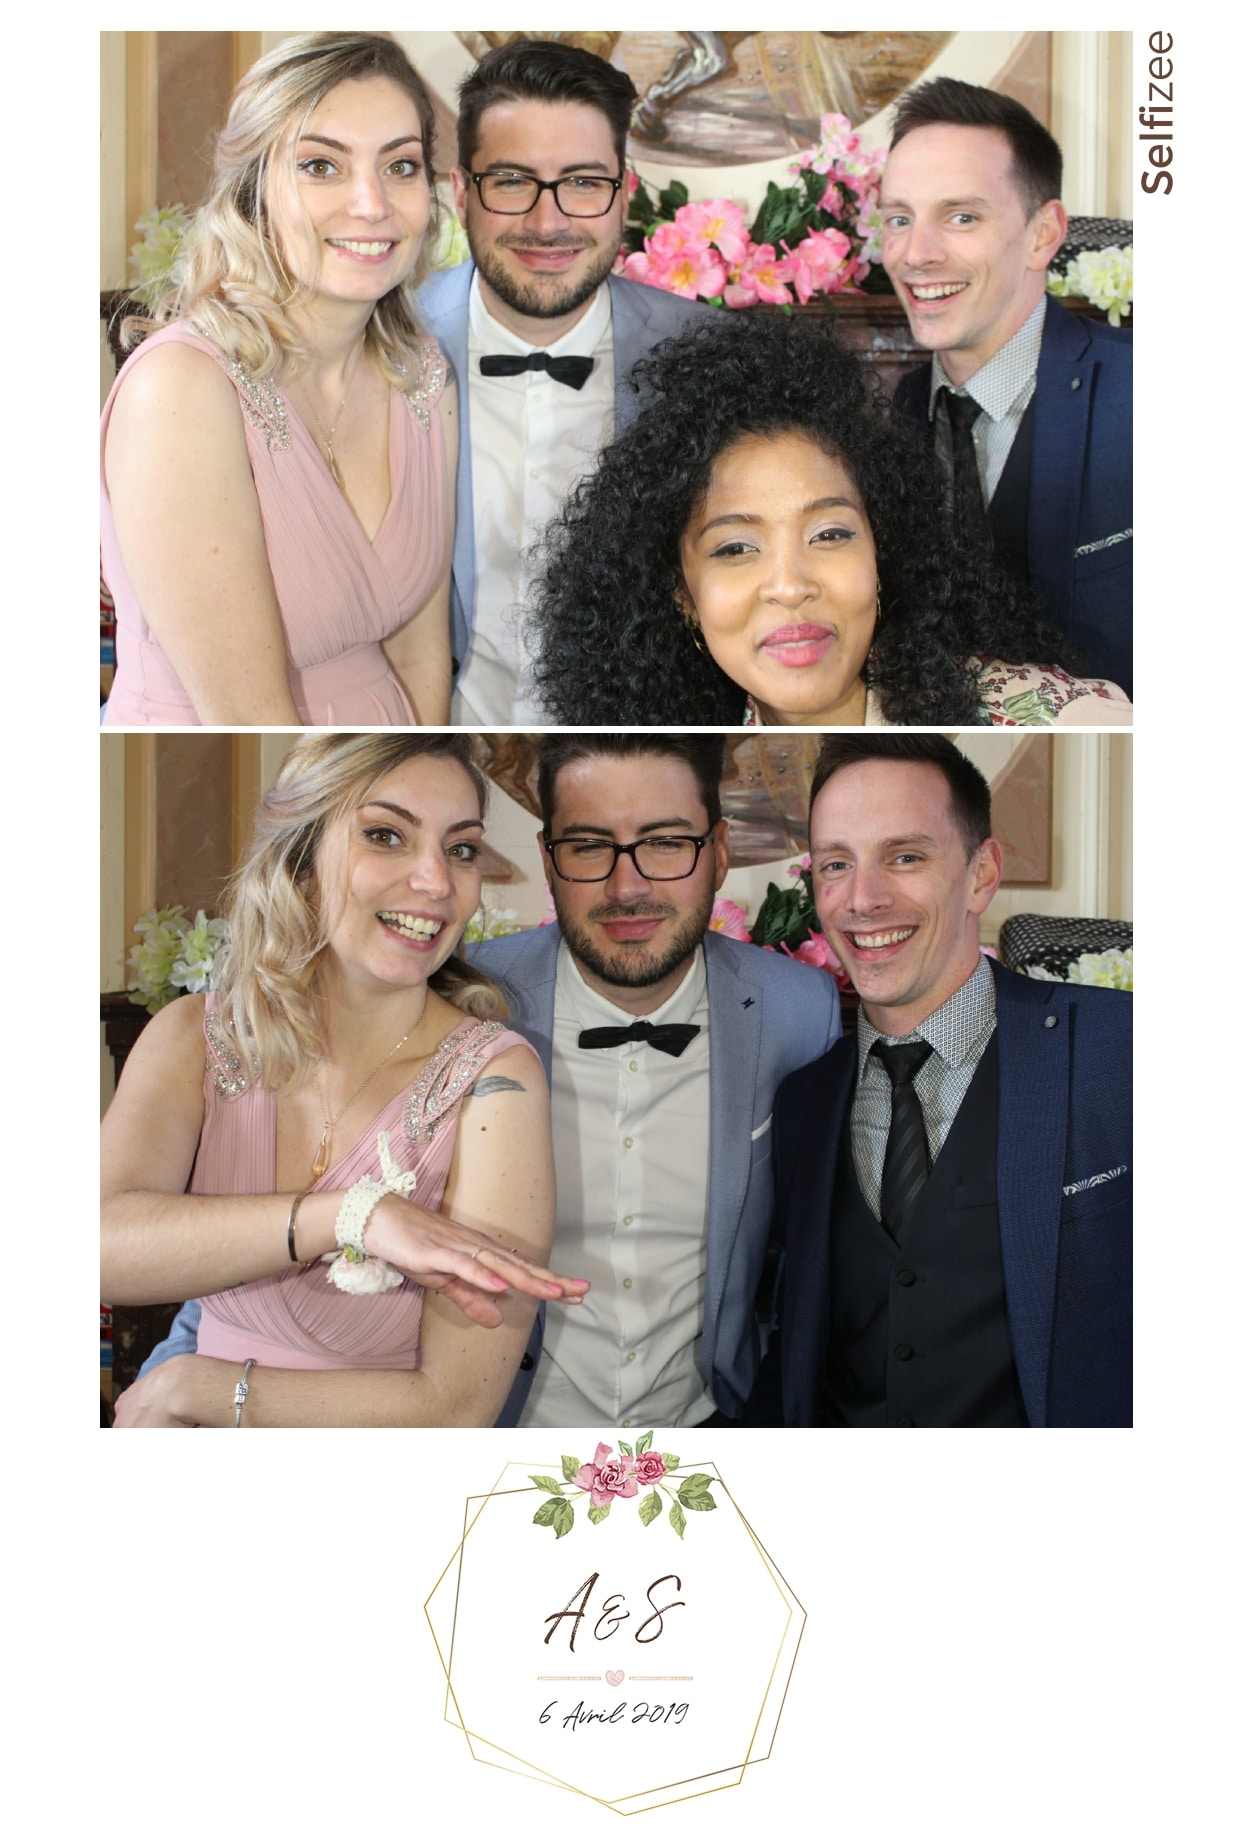 Animation photo mariage Angers - selfie box avec photos personnalisées et impressions mariage ou fête en Maine et Loire